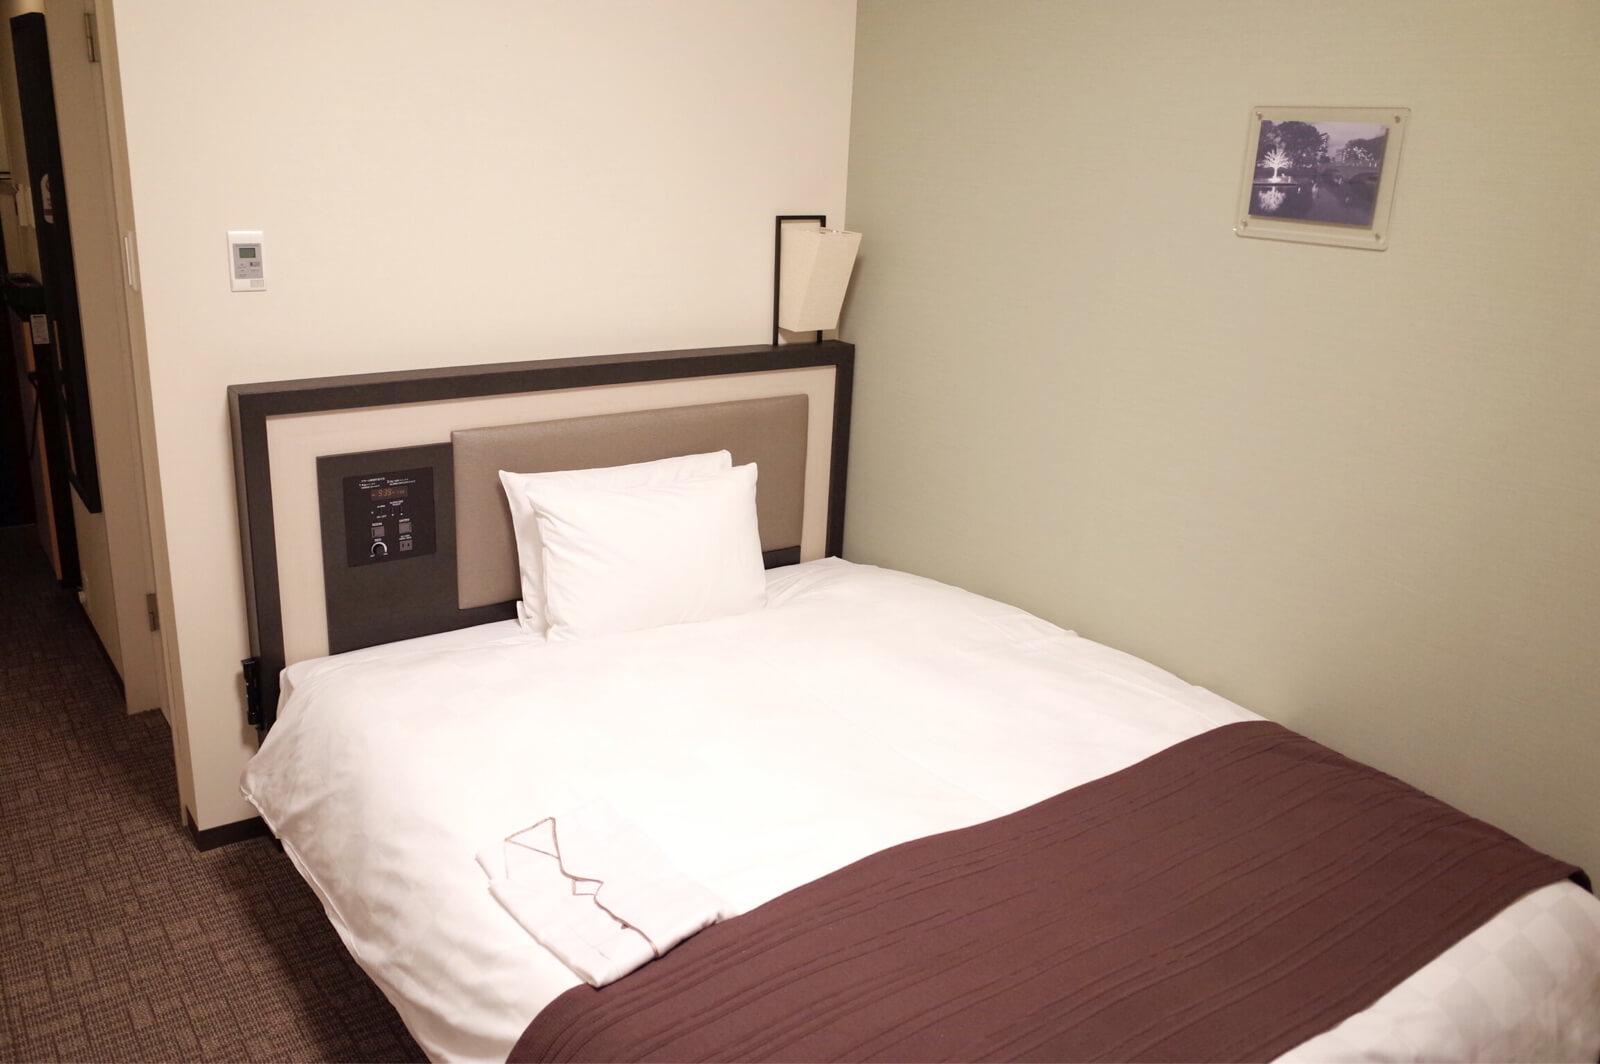 ダイワロイネット 北浜  ベッド